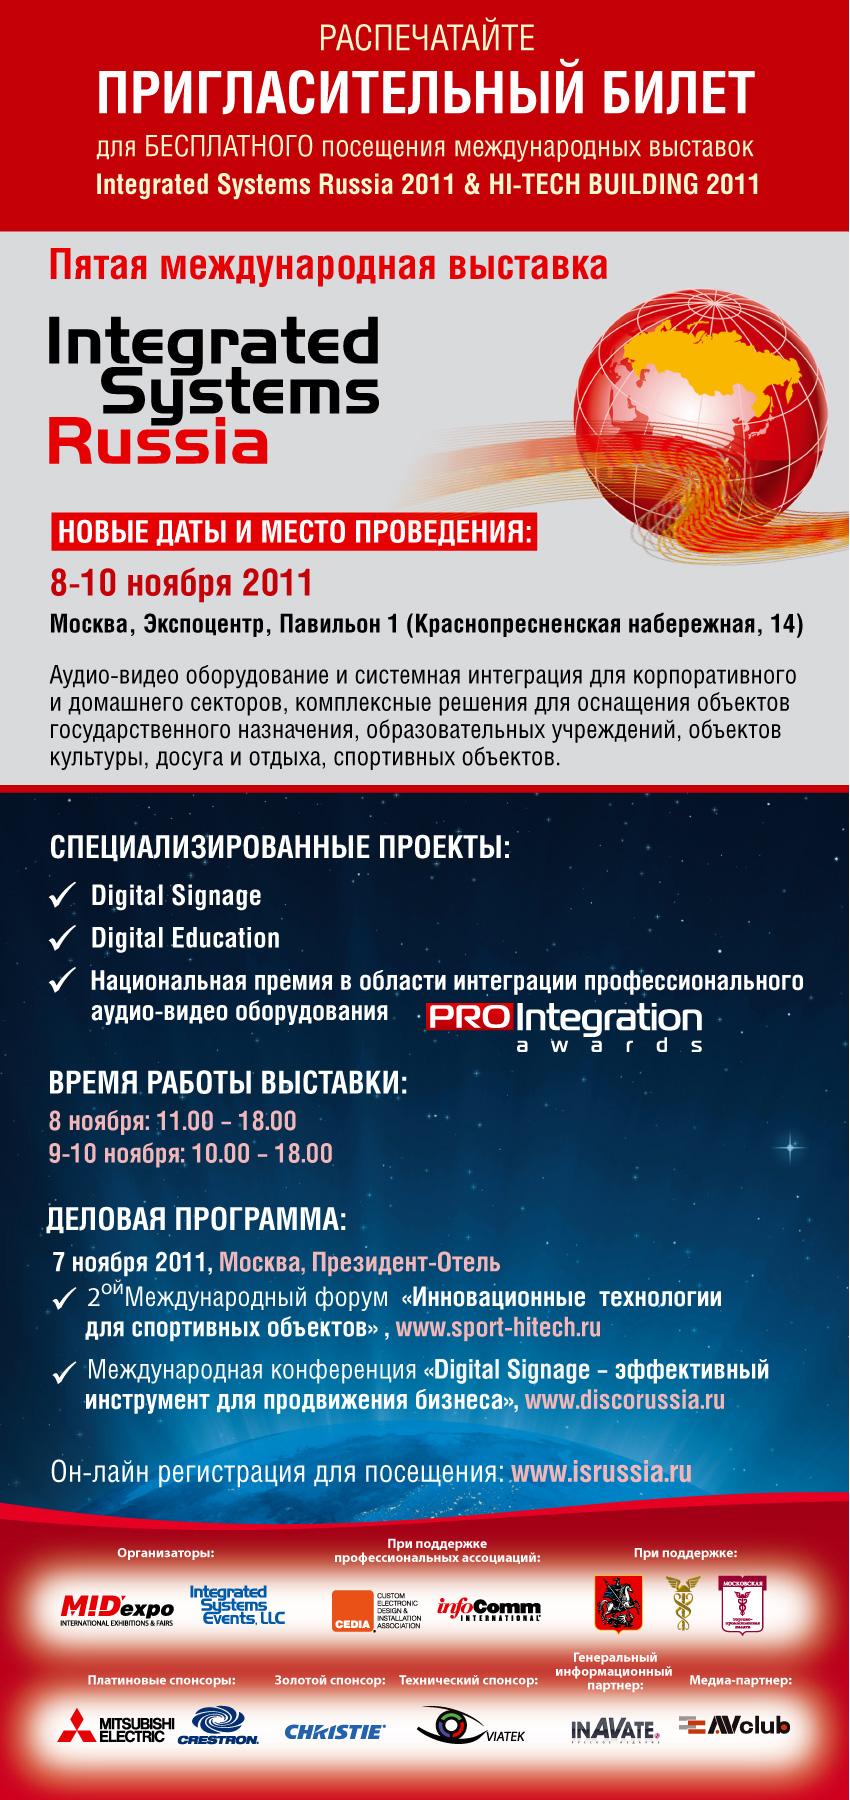 Пригласительный билет на Integrated Systems Russia 2011